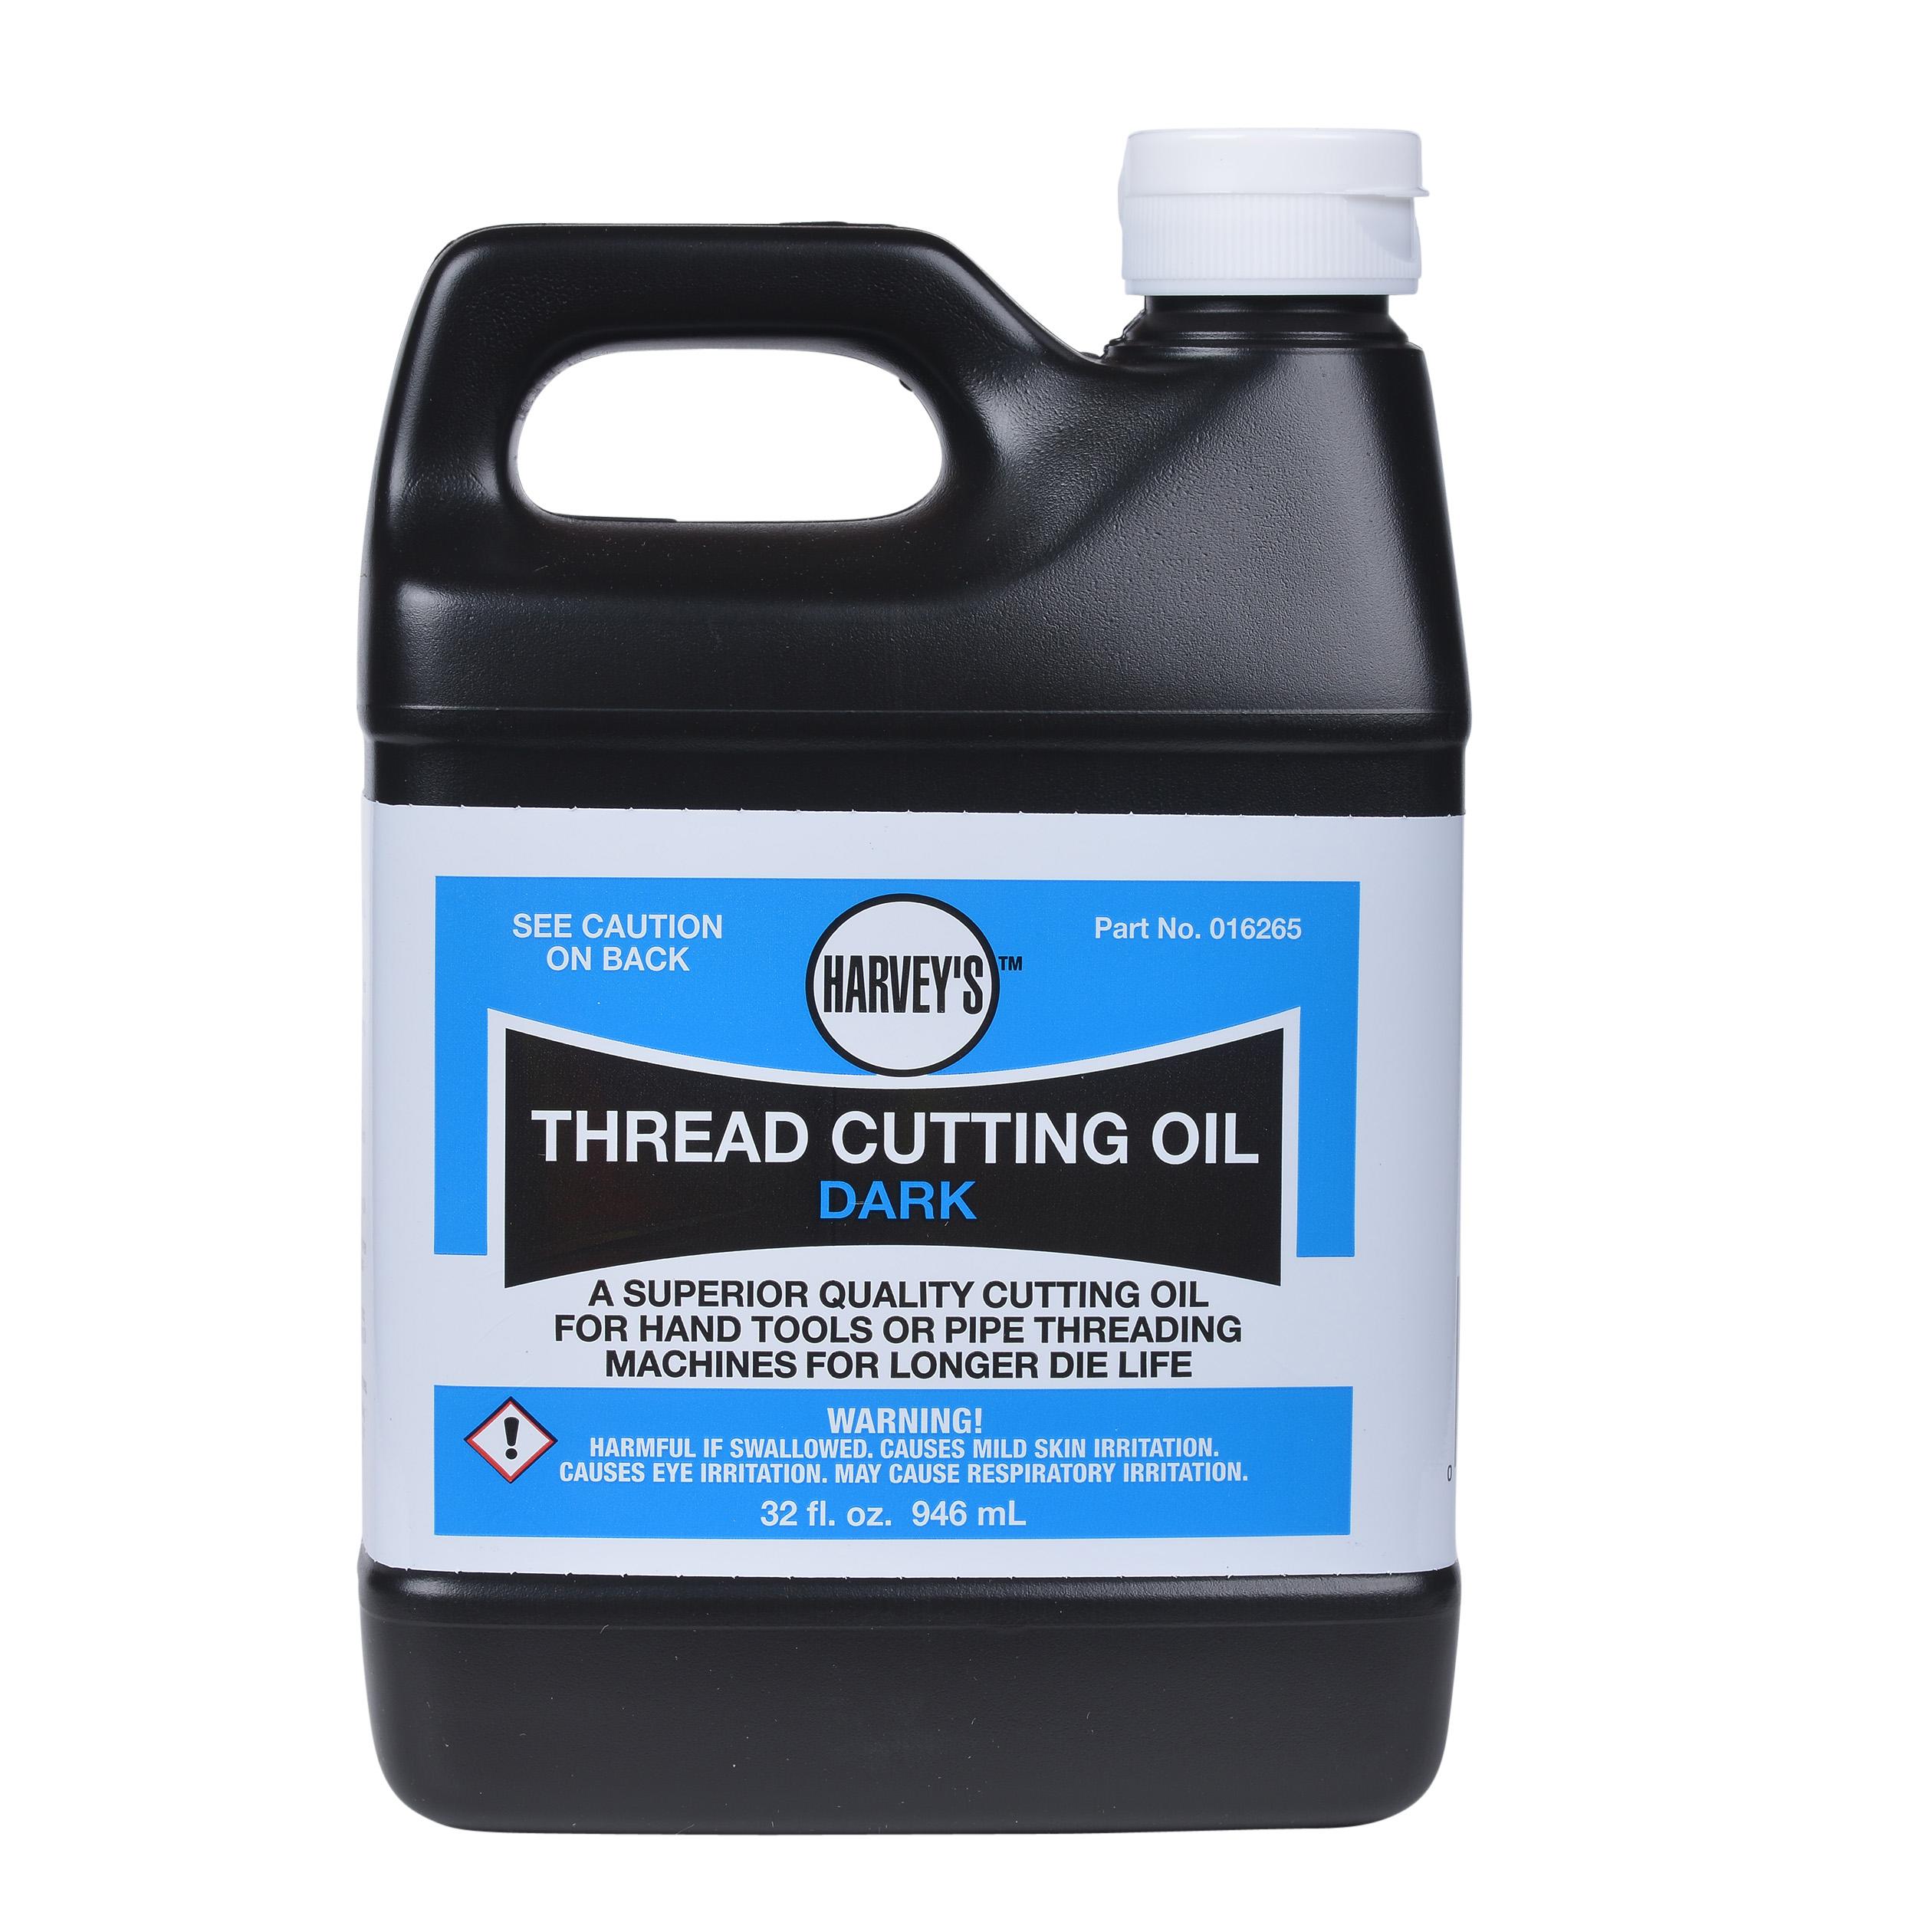 016265 1 QT DARK THREAD CUTTING OIL